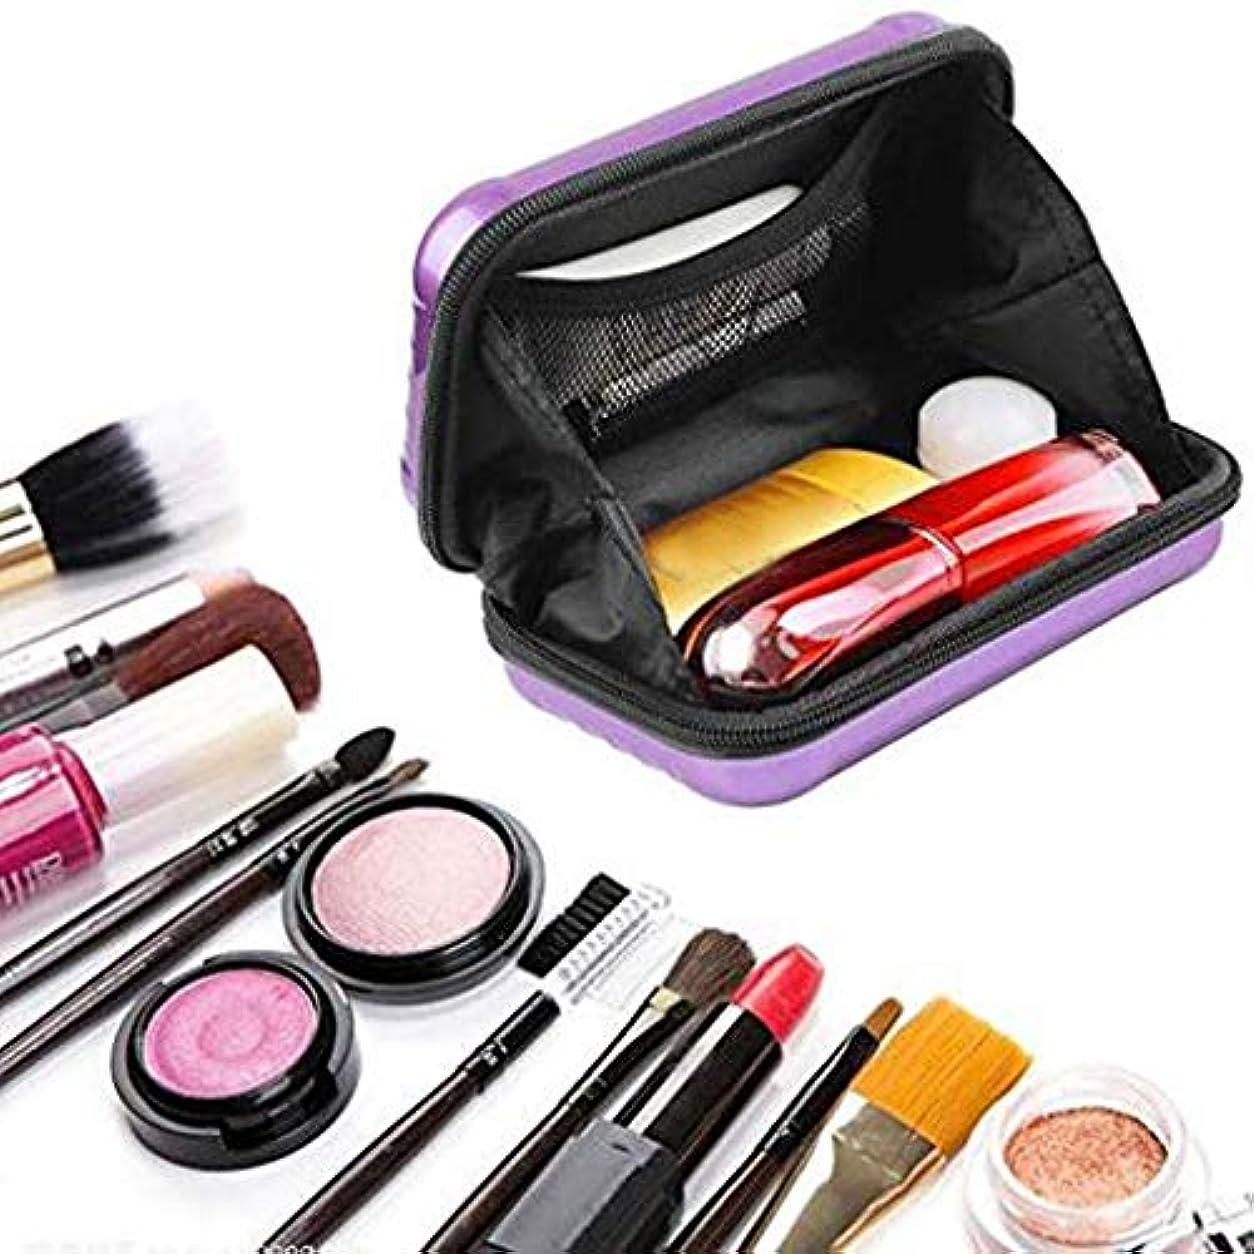 困惑映画レインコートミニポータブル旅行化粧品バッグ、女性のための防水/クラッシュ防止化粧バッグ、スーツケース化粧品ハンドバッグ (紫の)